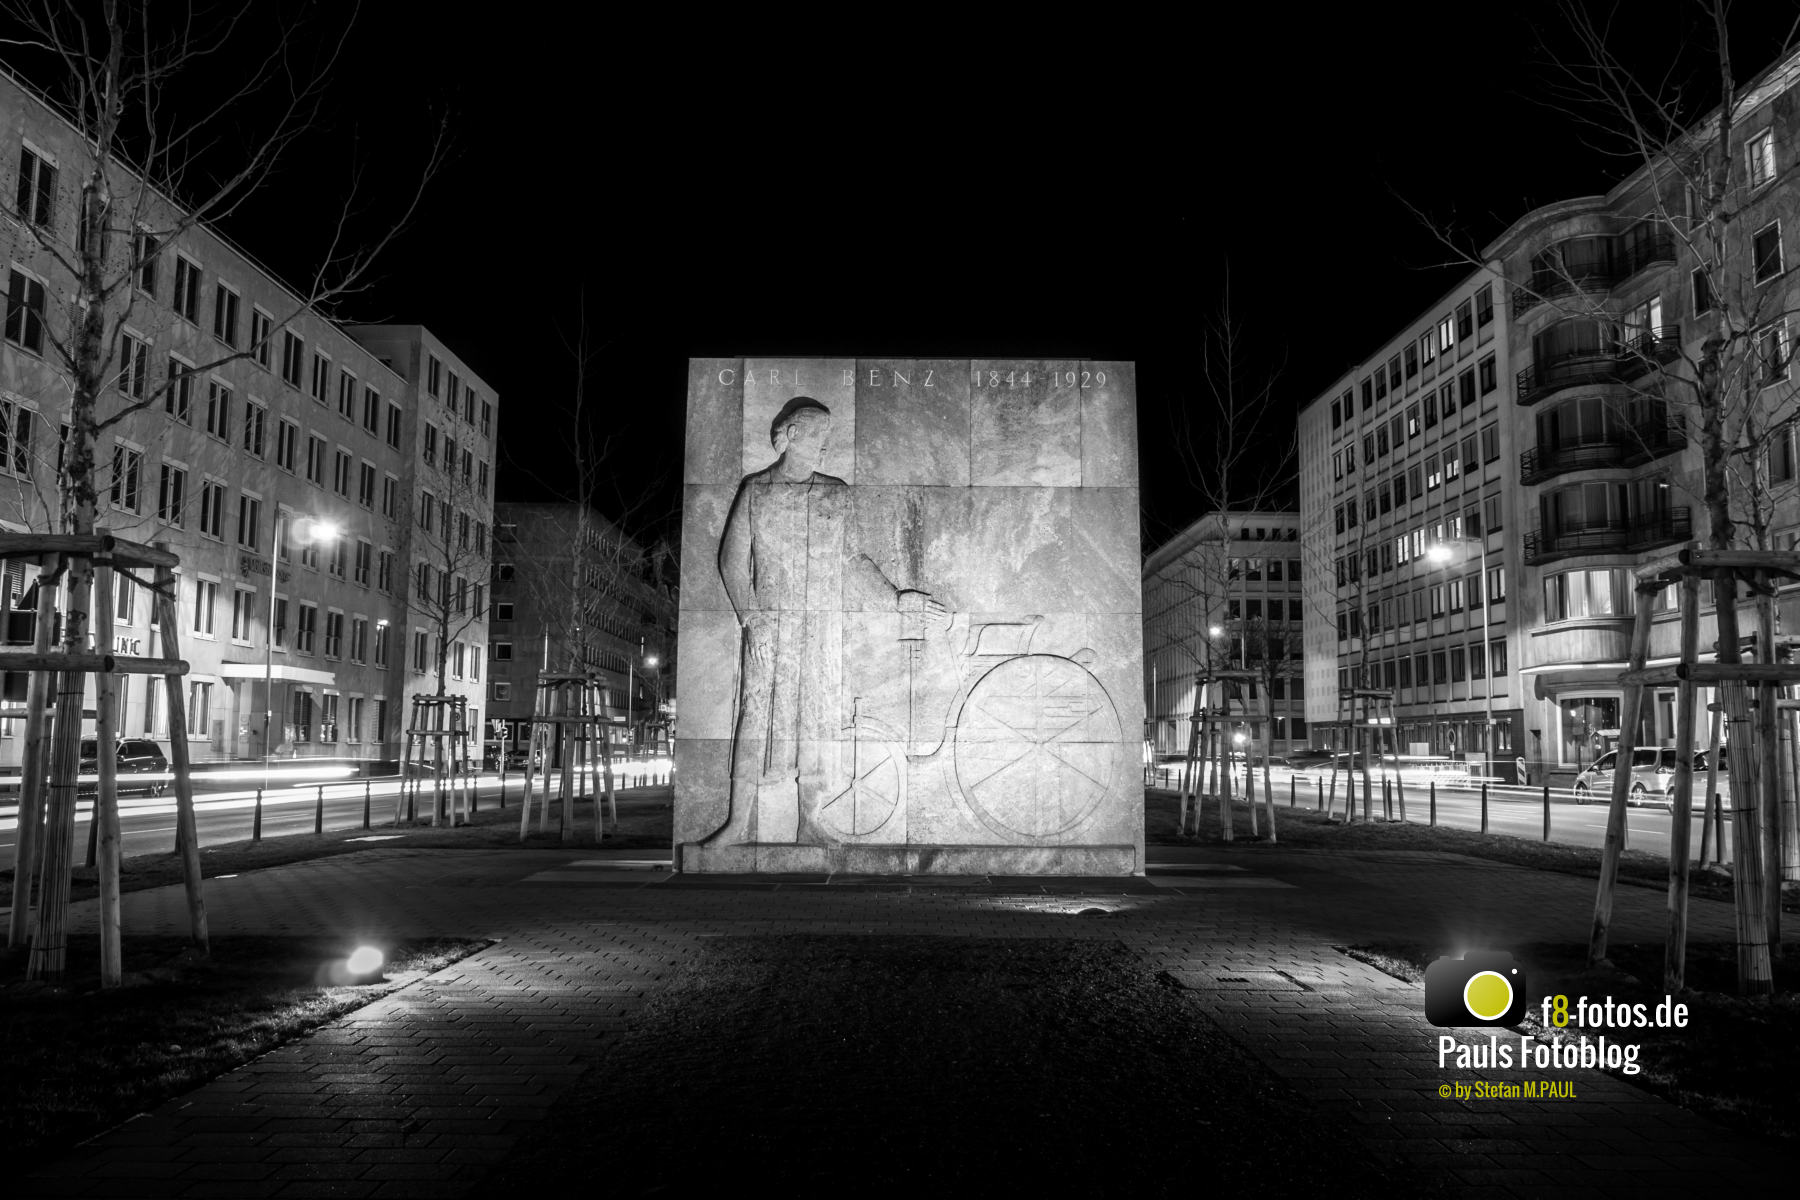 Carl Benz Denkmal in schwarz-weiß